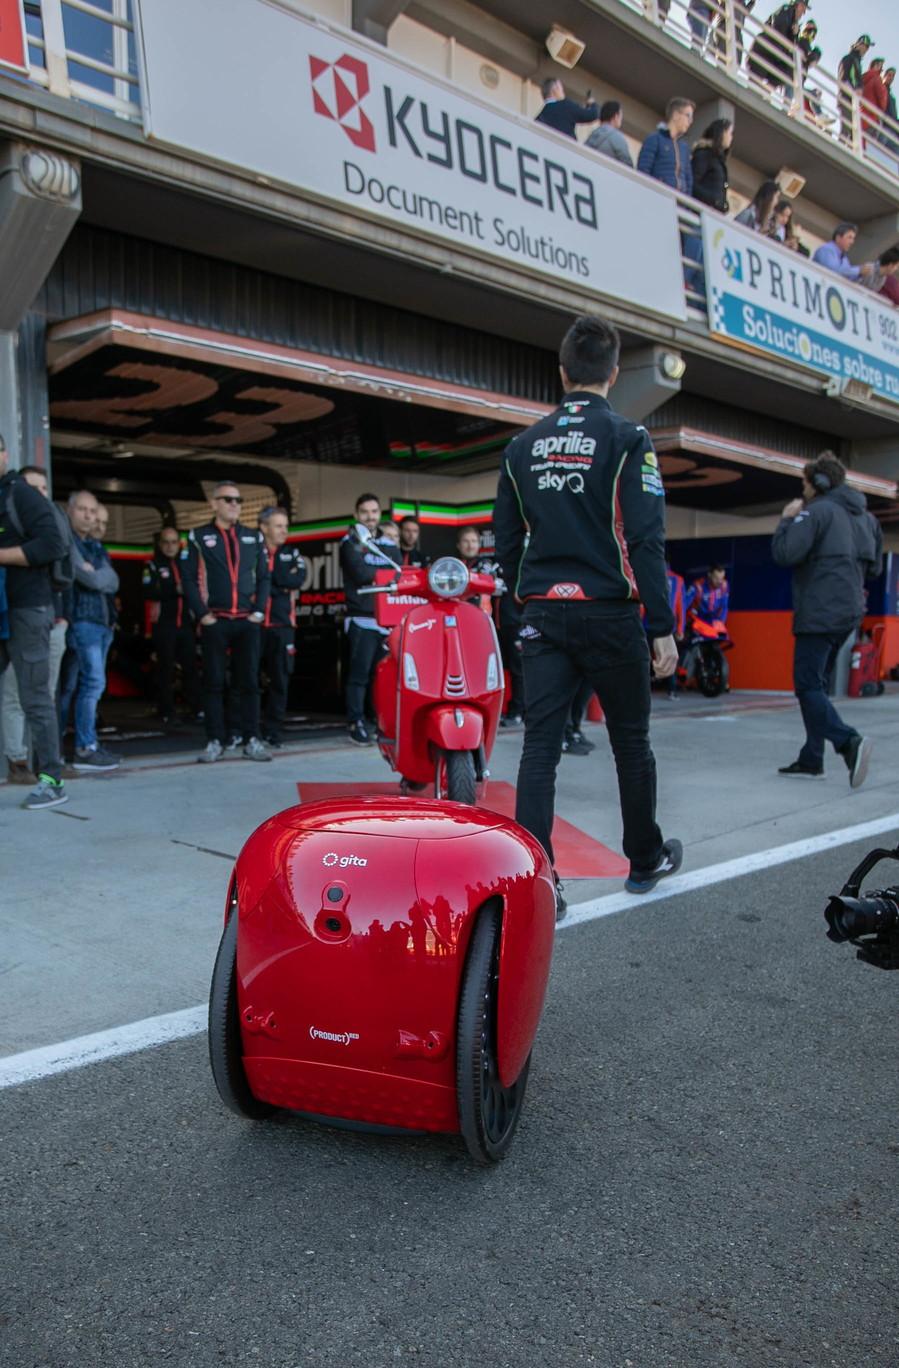 Piaggio Fast Forward, (PFF), la società robotica dal Gruppo Piaggio che sta rivoluzionando la mobilità attiva leggera, ha annunciato la partnership con (RED). L'edizione limitata di (gita)RED sarà disponibile per l'acquisto esclusivamente oggi, durante la quinta edizione annuale di (RED) SHOPATHON, sul portale Amazon.com/RED e per un periodo limitato di tempo.  (RED) è un'organizzazione no profit che ha l'obbiettivo di accrescere la consapevolezza sull'AIDS e raccogliere fondi per combatterla.  Per ogni (gita)RED venduto, verranno devoluti 50 dollari al Global Fund. I programmi finanziati da (RED) supportano un'ampia gamma di attività e cure salvavita contro l'HIV e AIDS, inclusi test, consulenza, trattamenti e prevenzioni, con l'obbiettivo primario di interrompere la trasmissione del virus dalle madri ai propri figli durante la gravidanza.  (gita)RED è la prima capsule collection di Piaggio Fast Forward. Il robot, in edizione limitata, ha tutte le funzionalità del classico gita, con lo stile distintivo (RED). Il robot gita è unico nel suo genere, trasporta gli effetti personali, consentendo all'utilizzatore di interagire con le persone e dedicarsi alle attività che più ama, a testa alta e a mani libere.